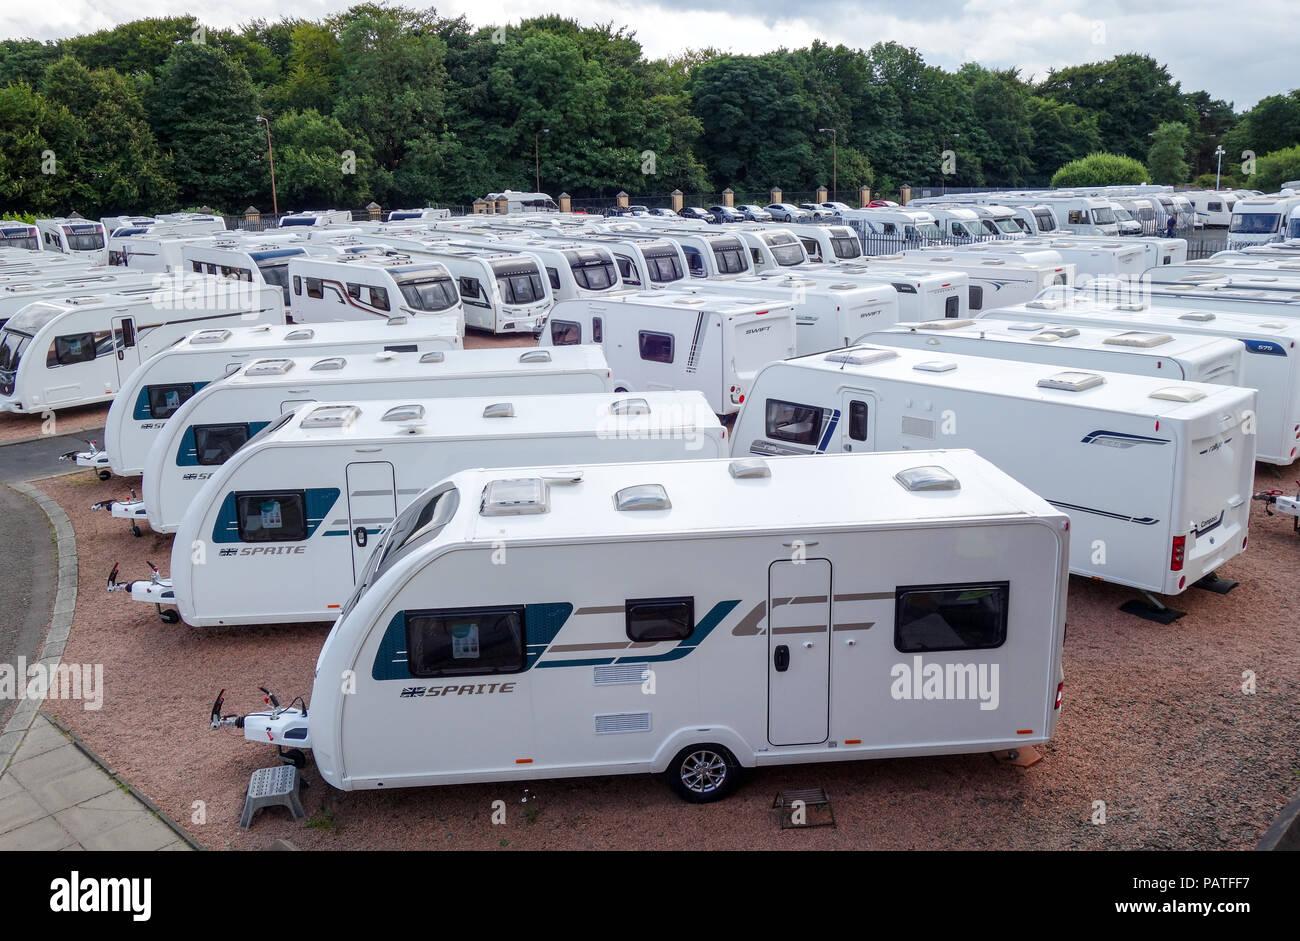 1024d1b449 Caravans For Sale Stock Photos   Caravans For Sale Stock Images - Alamy